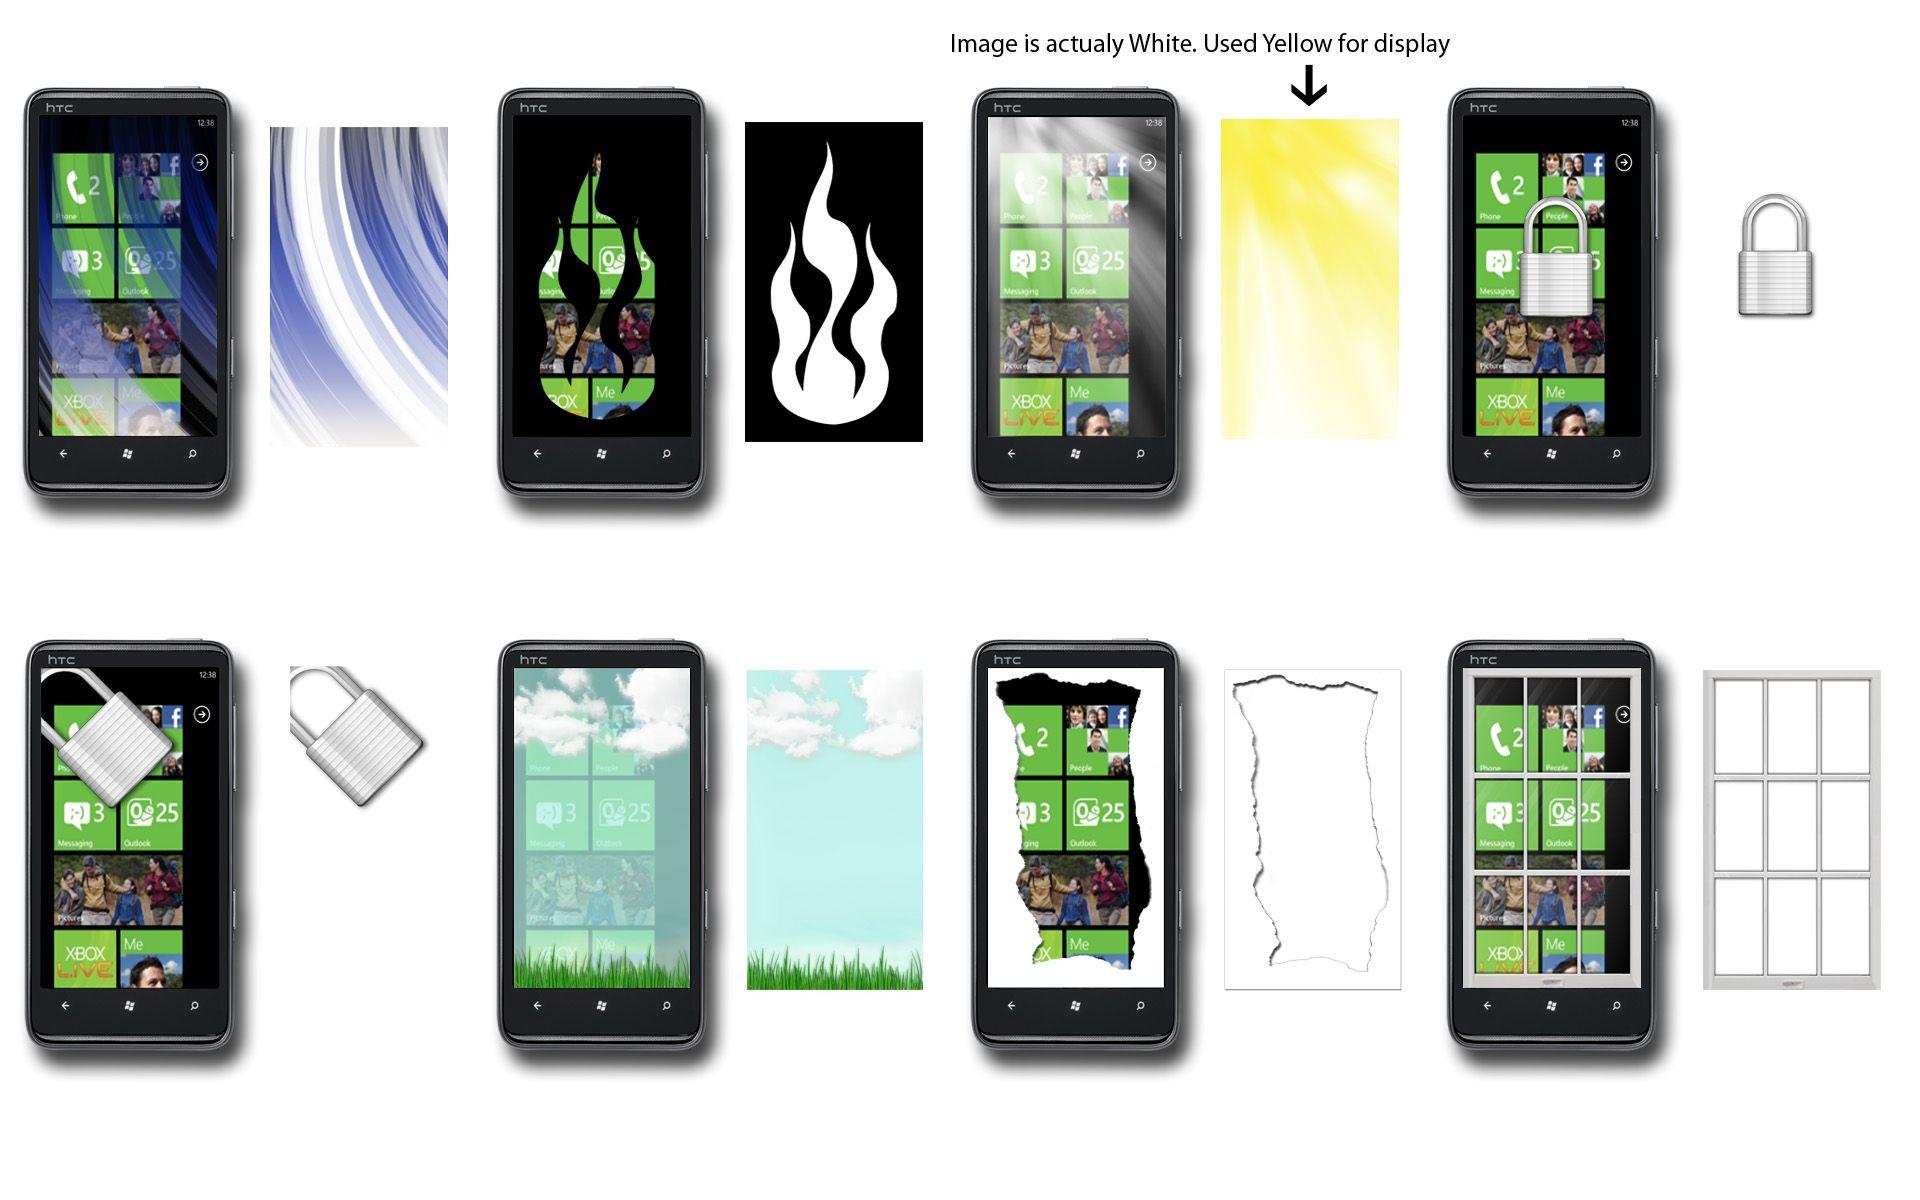 Windows phone wallpapers best windows phone 7 wallpapers - Download Transparent Wallpapers For Windows Phone 7 Gallery